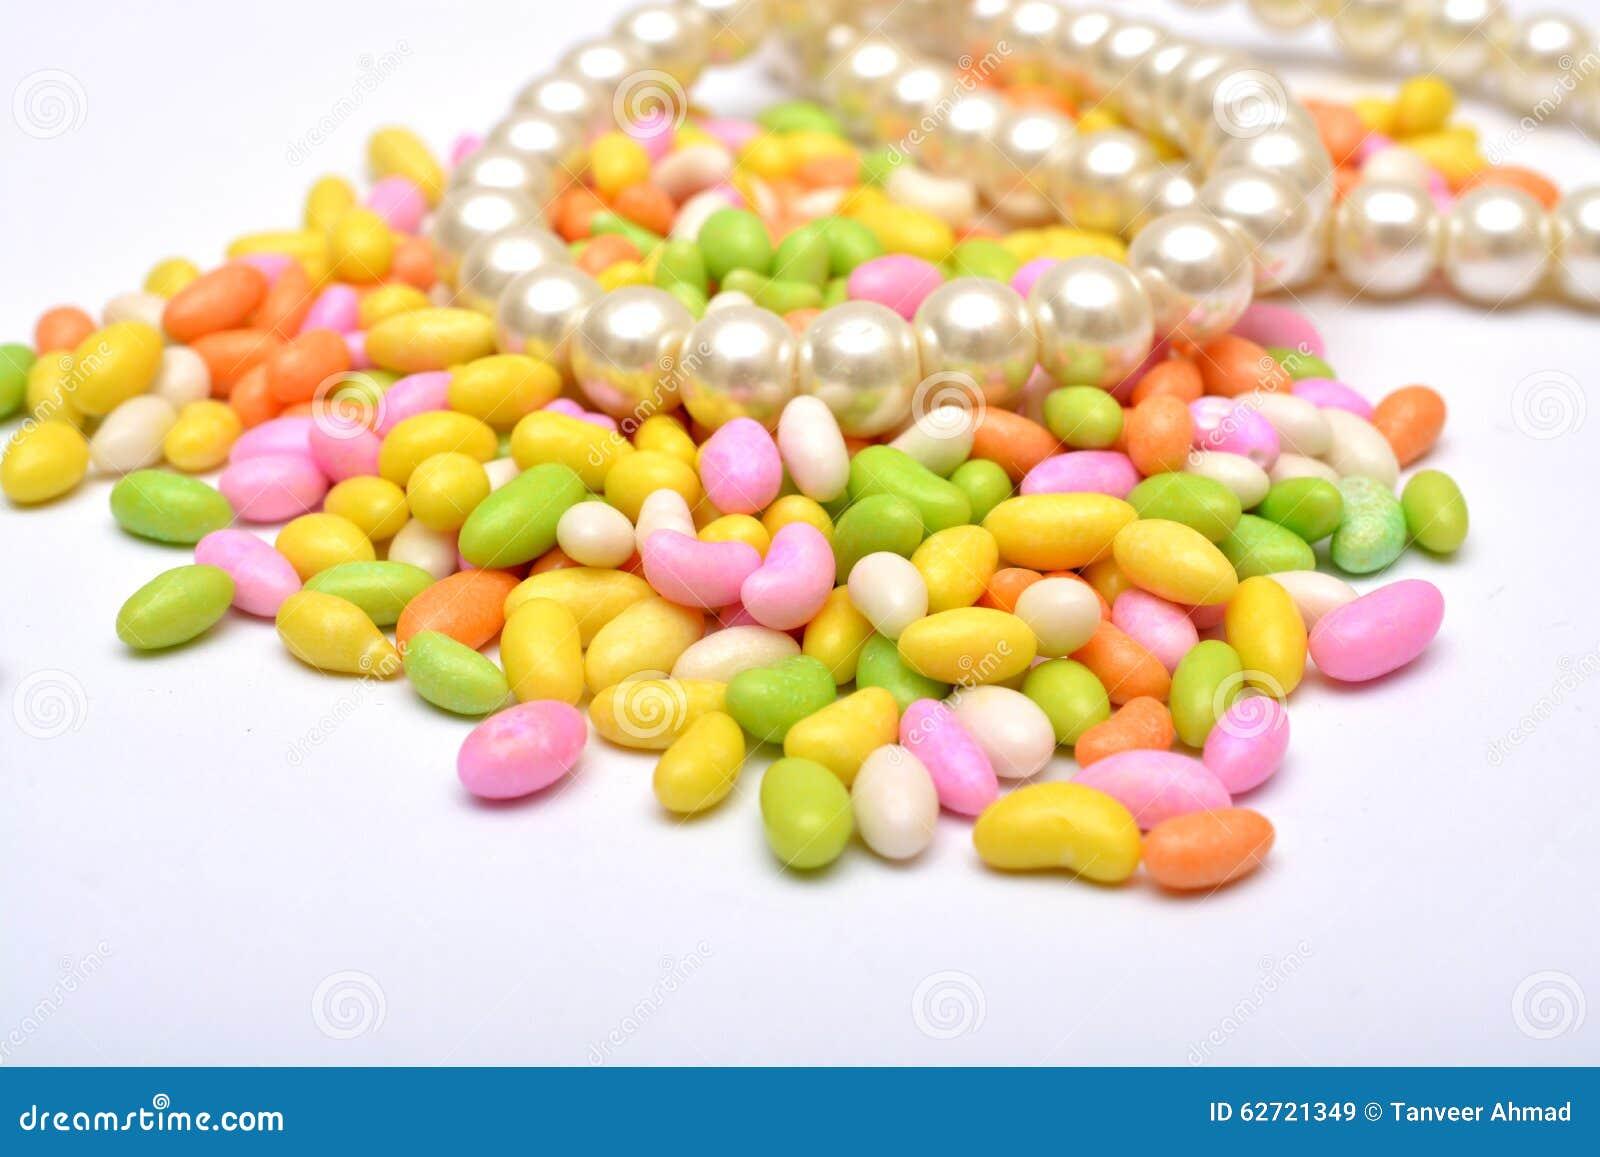 Ζωηρόχρωμες γλυκές καραμέλες με το σχέδιο μαργαριταριών που απομονώνεται